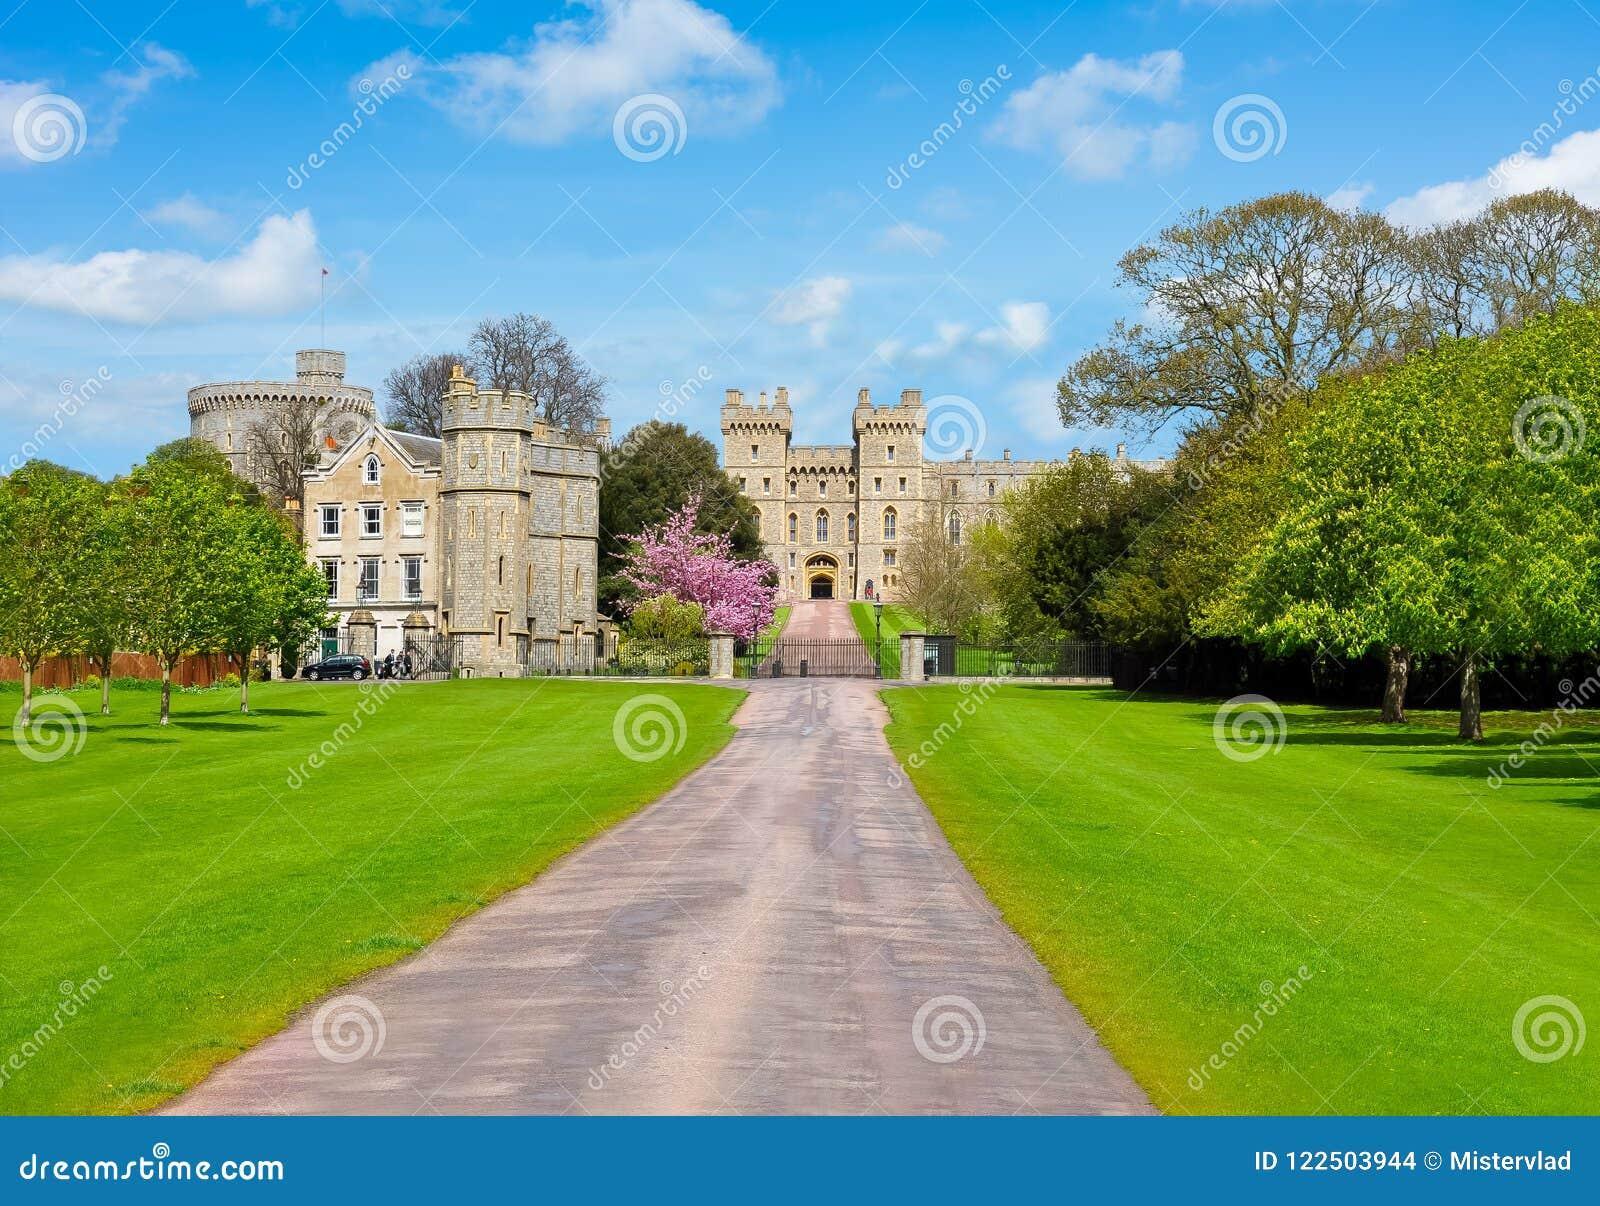 Callejón al castillo de Windsor en la primavera, suburbios de Londres, Reino Unido